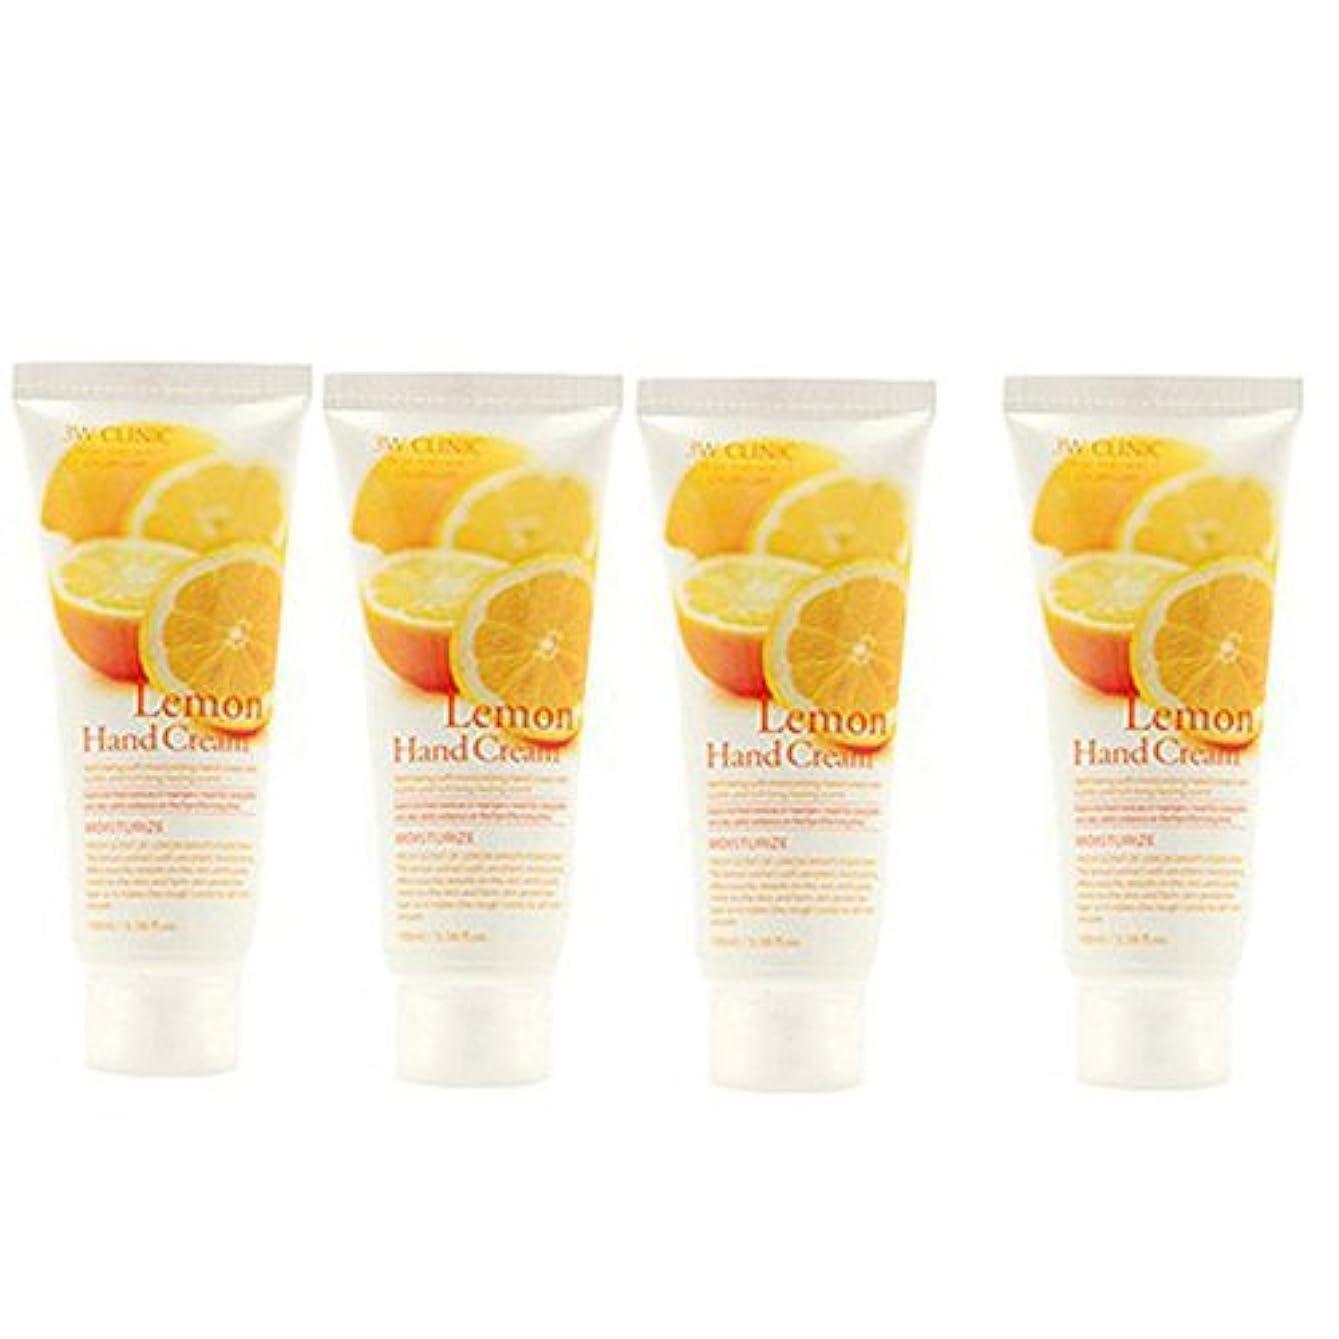 ガード周り退化する3w Clinic[韓国コスメARRAHAN]Moisturizing Lemon Hand Cream モイスチャーリングレモンハンドクリーム100mlX4個 [並行輸入品]